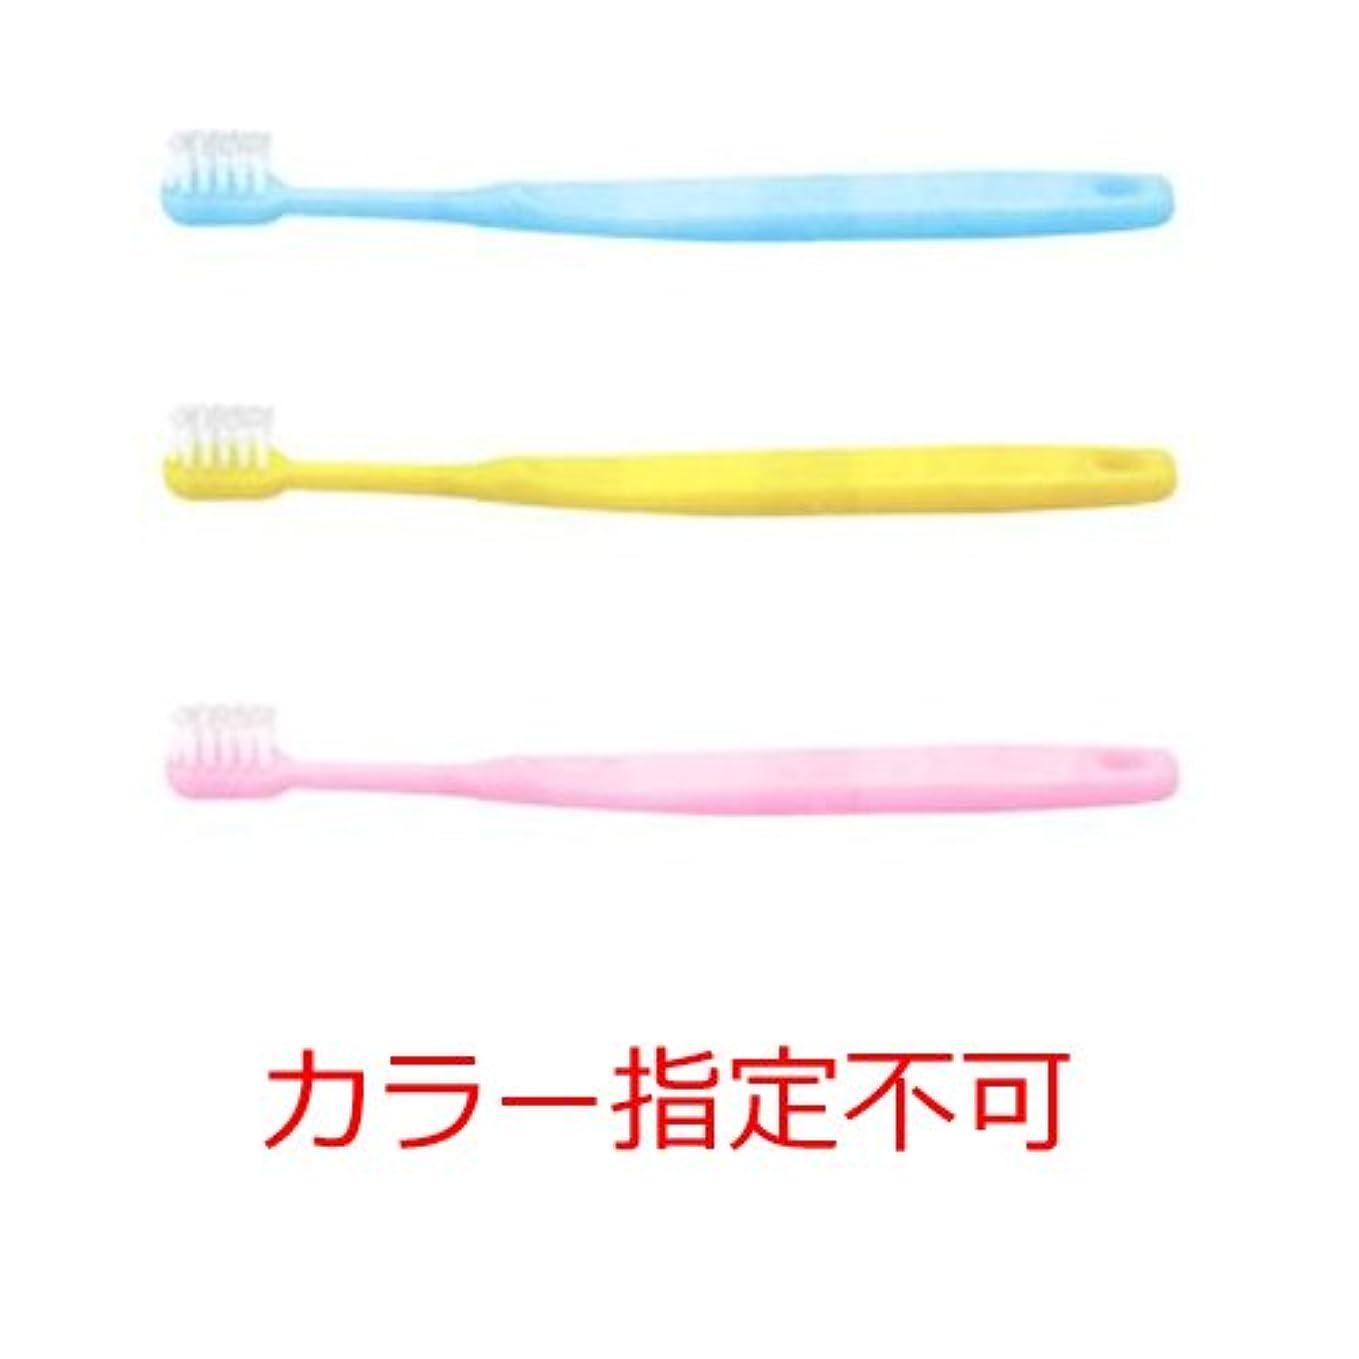 恨み提供しなやかなCi メディカル 歯ブラシ Ci52 乳児用 ミニミニ サイズ カラー指定なし